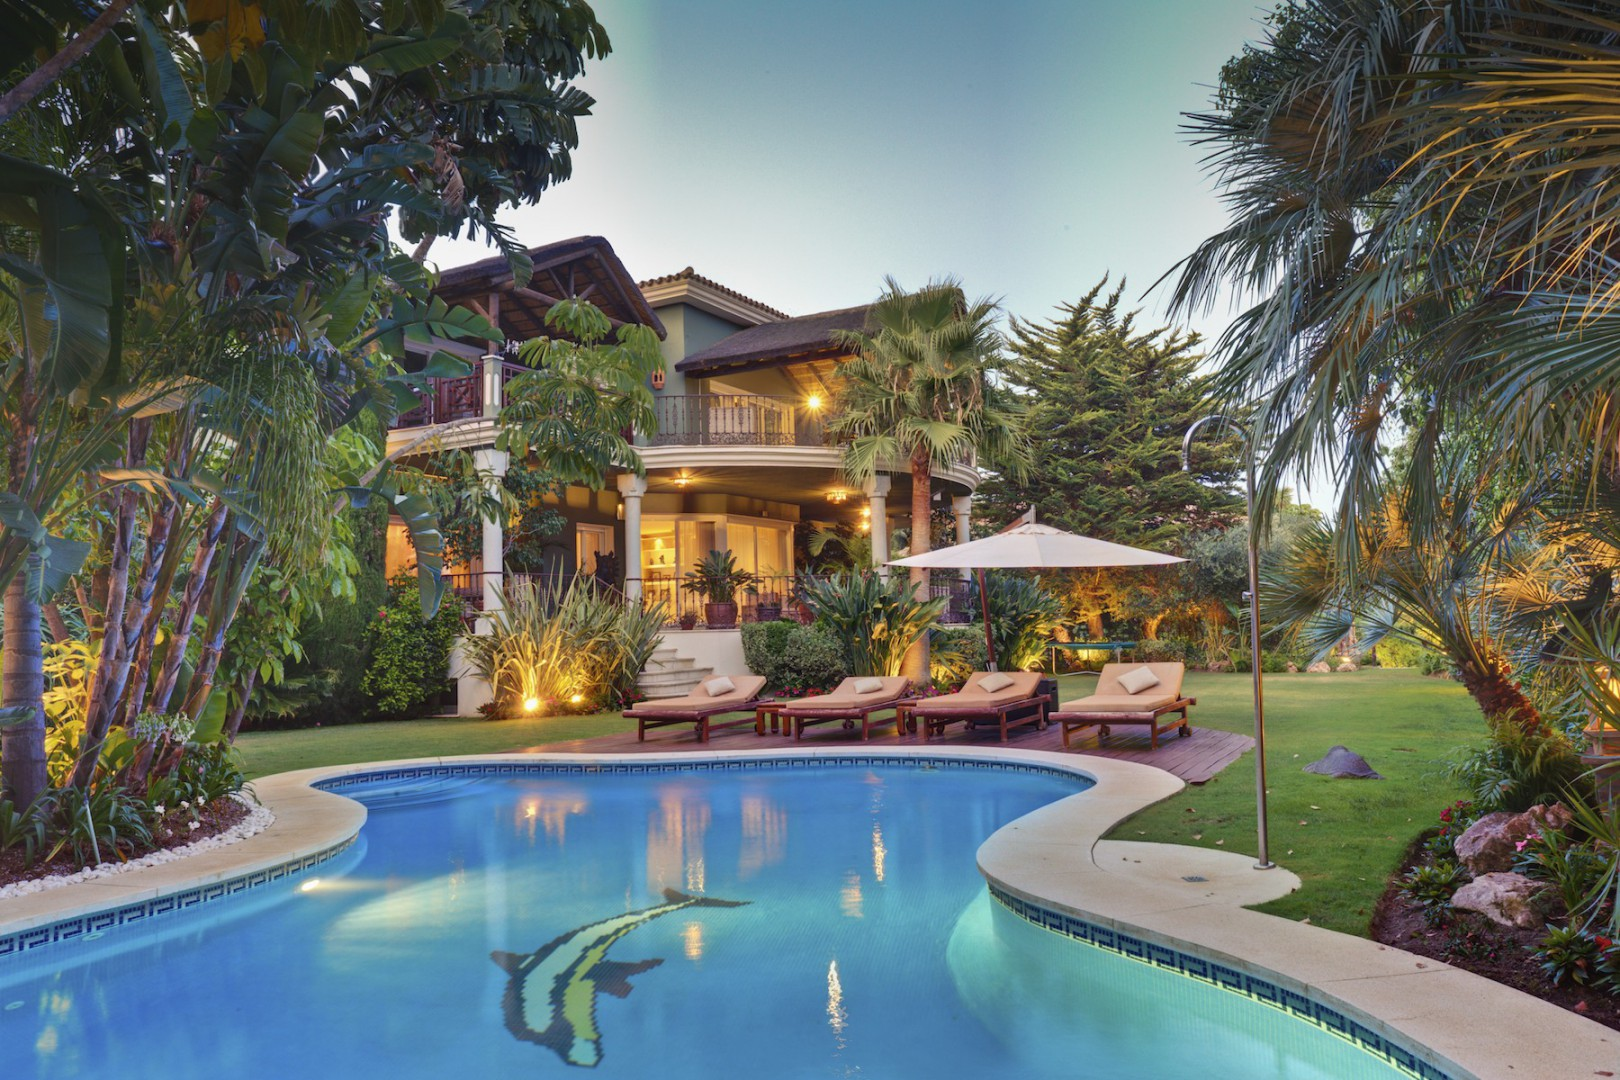 Single Family Home for Sale at Exclusive villa in Goden Mile Marbella, Costa Del Sol, 29600 Spain